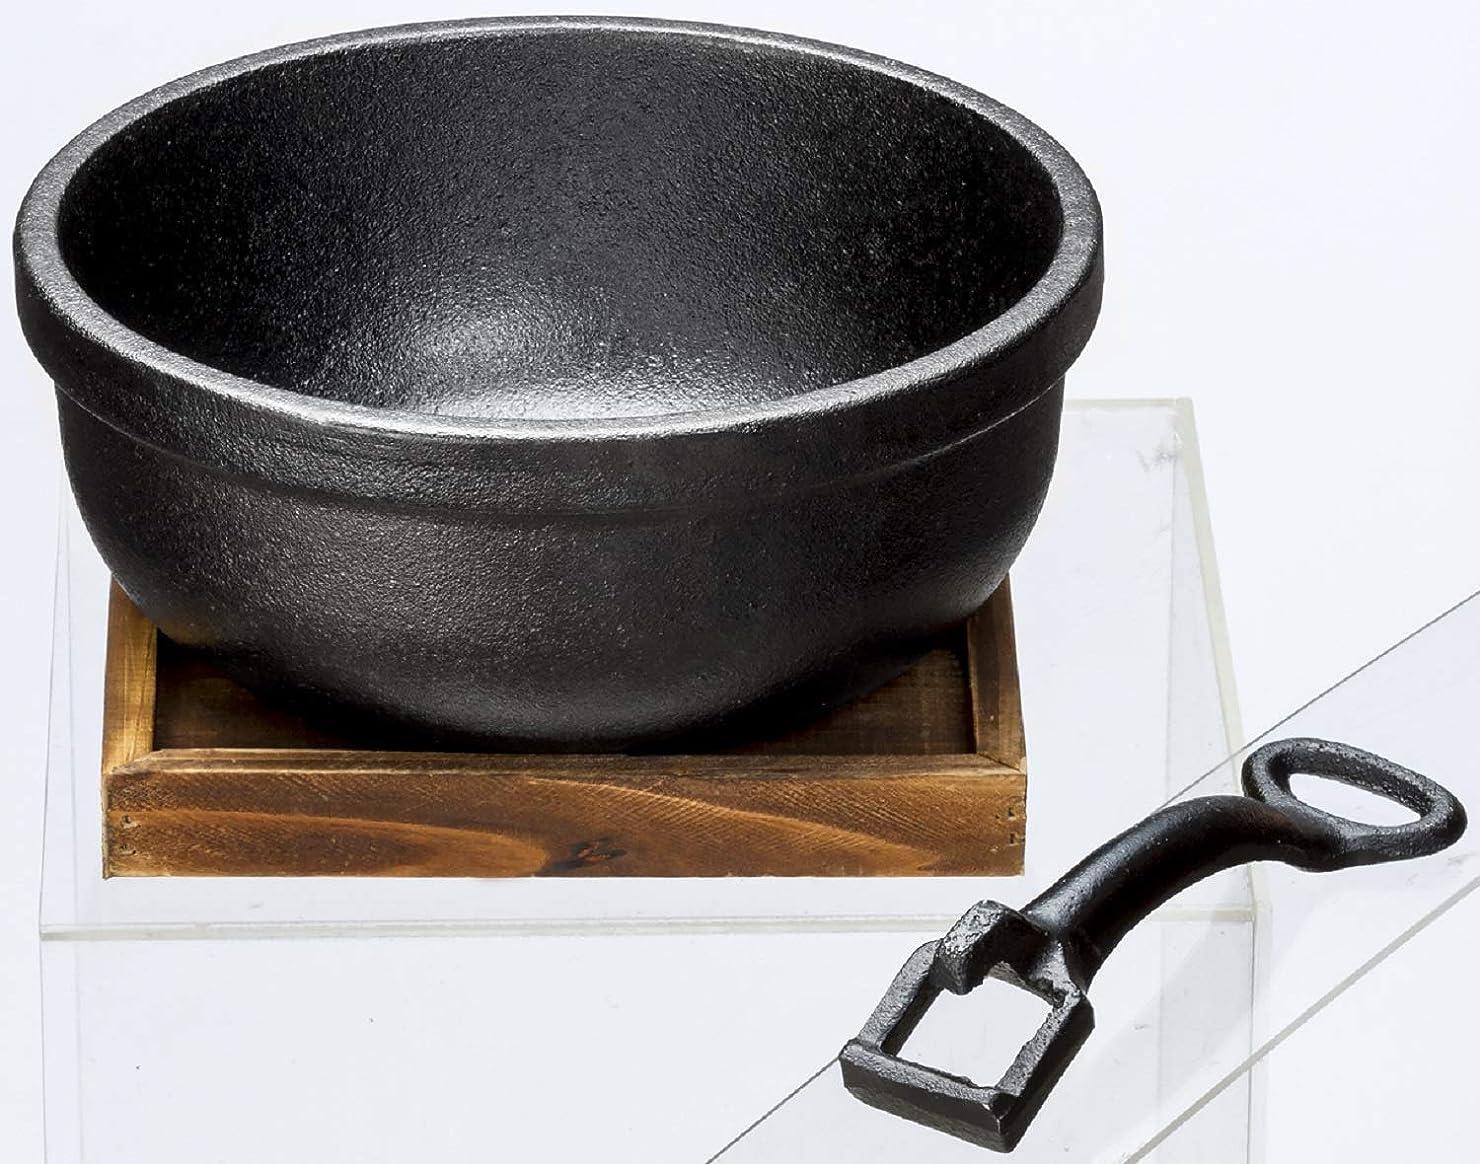 イシガキ産業 ビビンバ鍋 鉄鋳物 18cm 8個セット